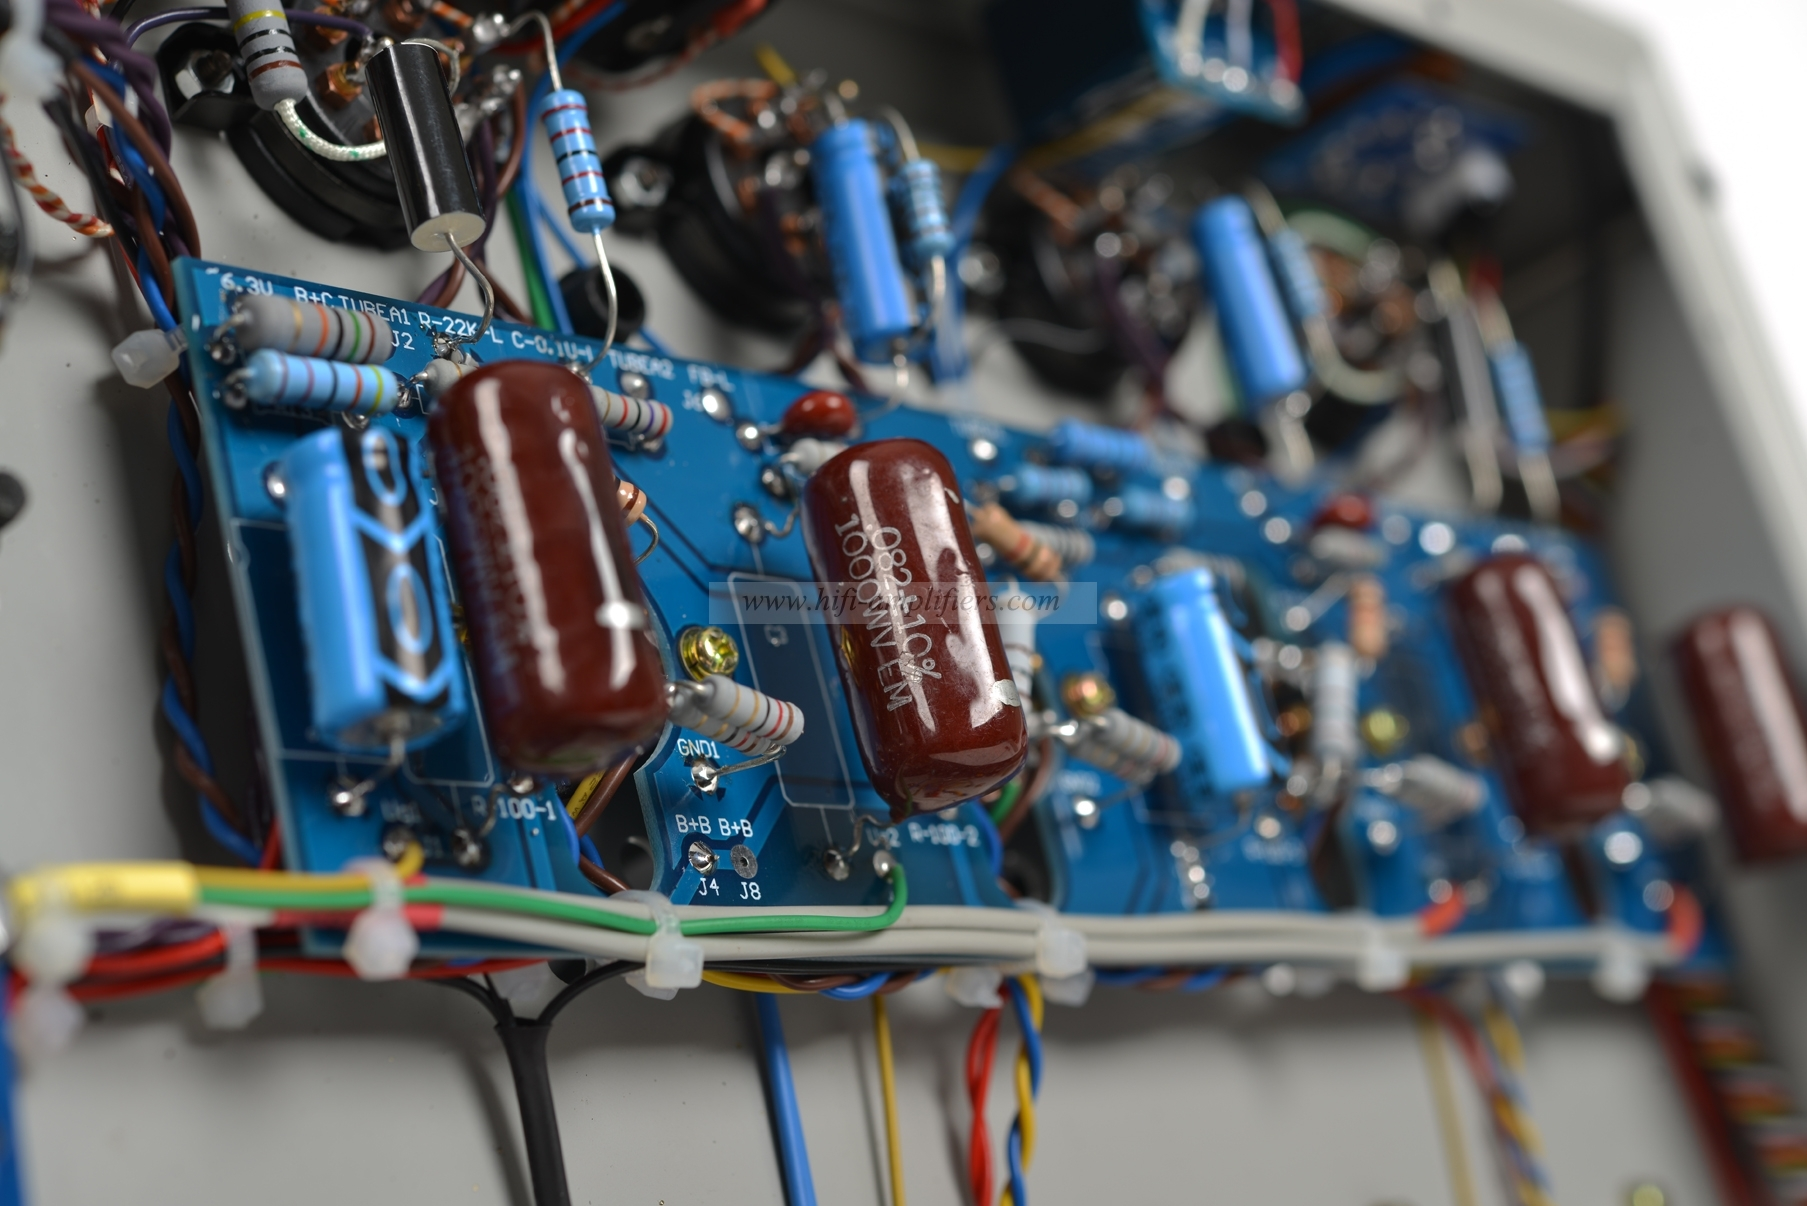 Raphaelite CP6V stereo integrated amplifier Hifi audio tube amp push-pull 6V6